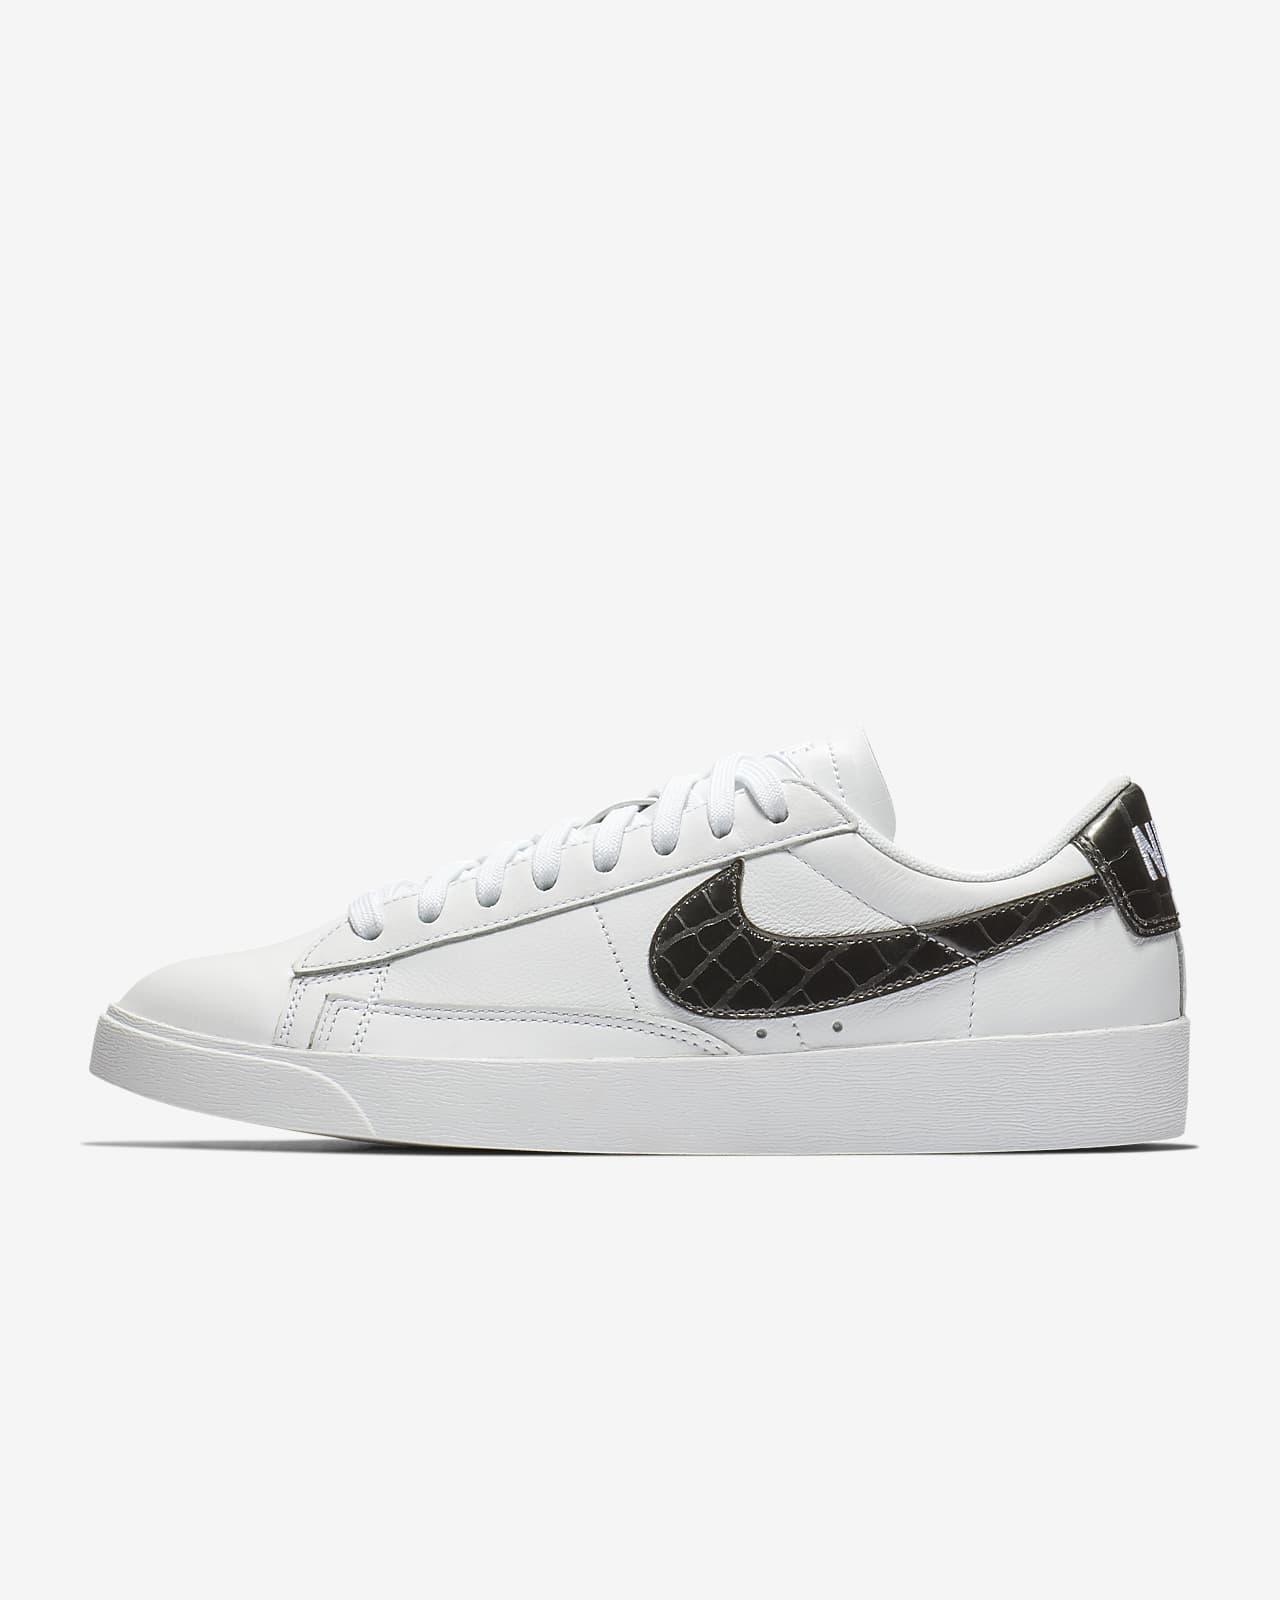 Nike Blazer Low Kadın Ayakkabısı